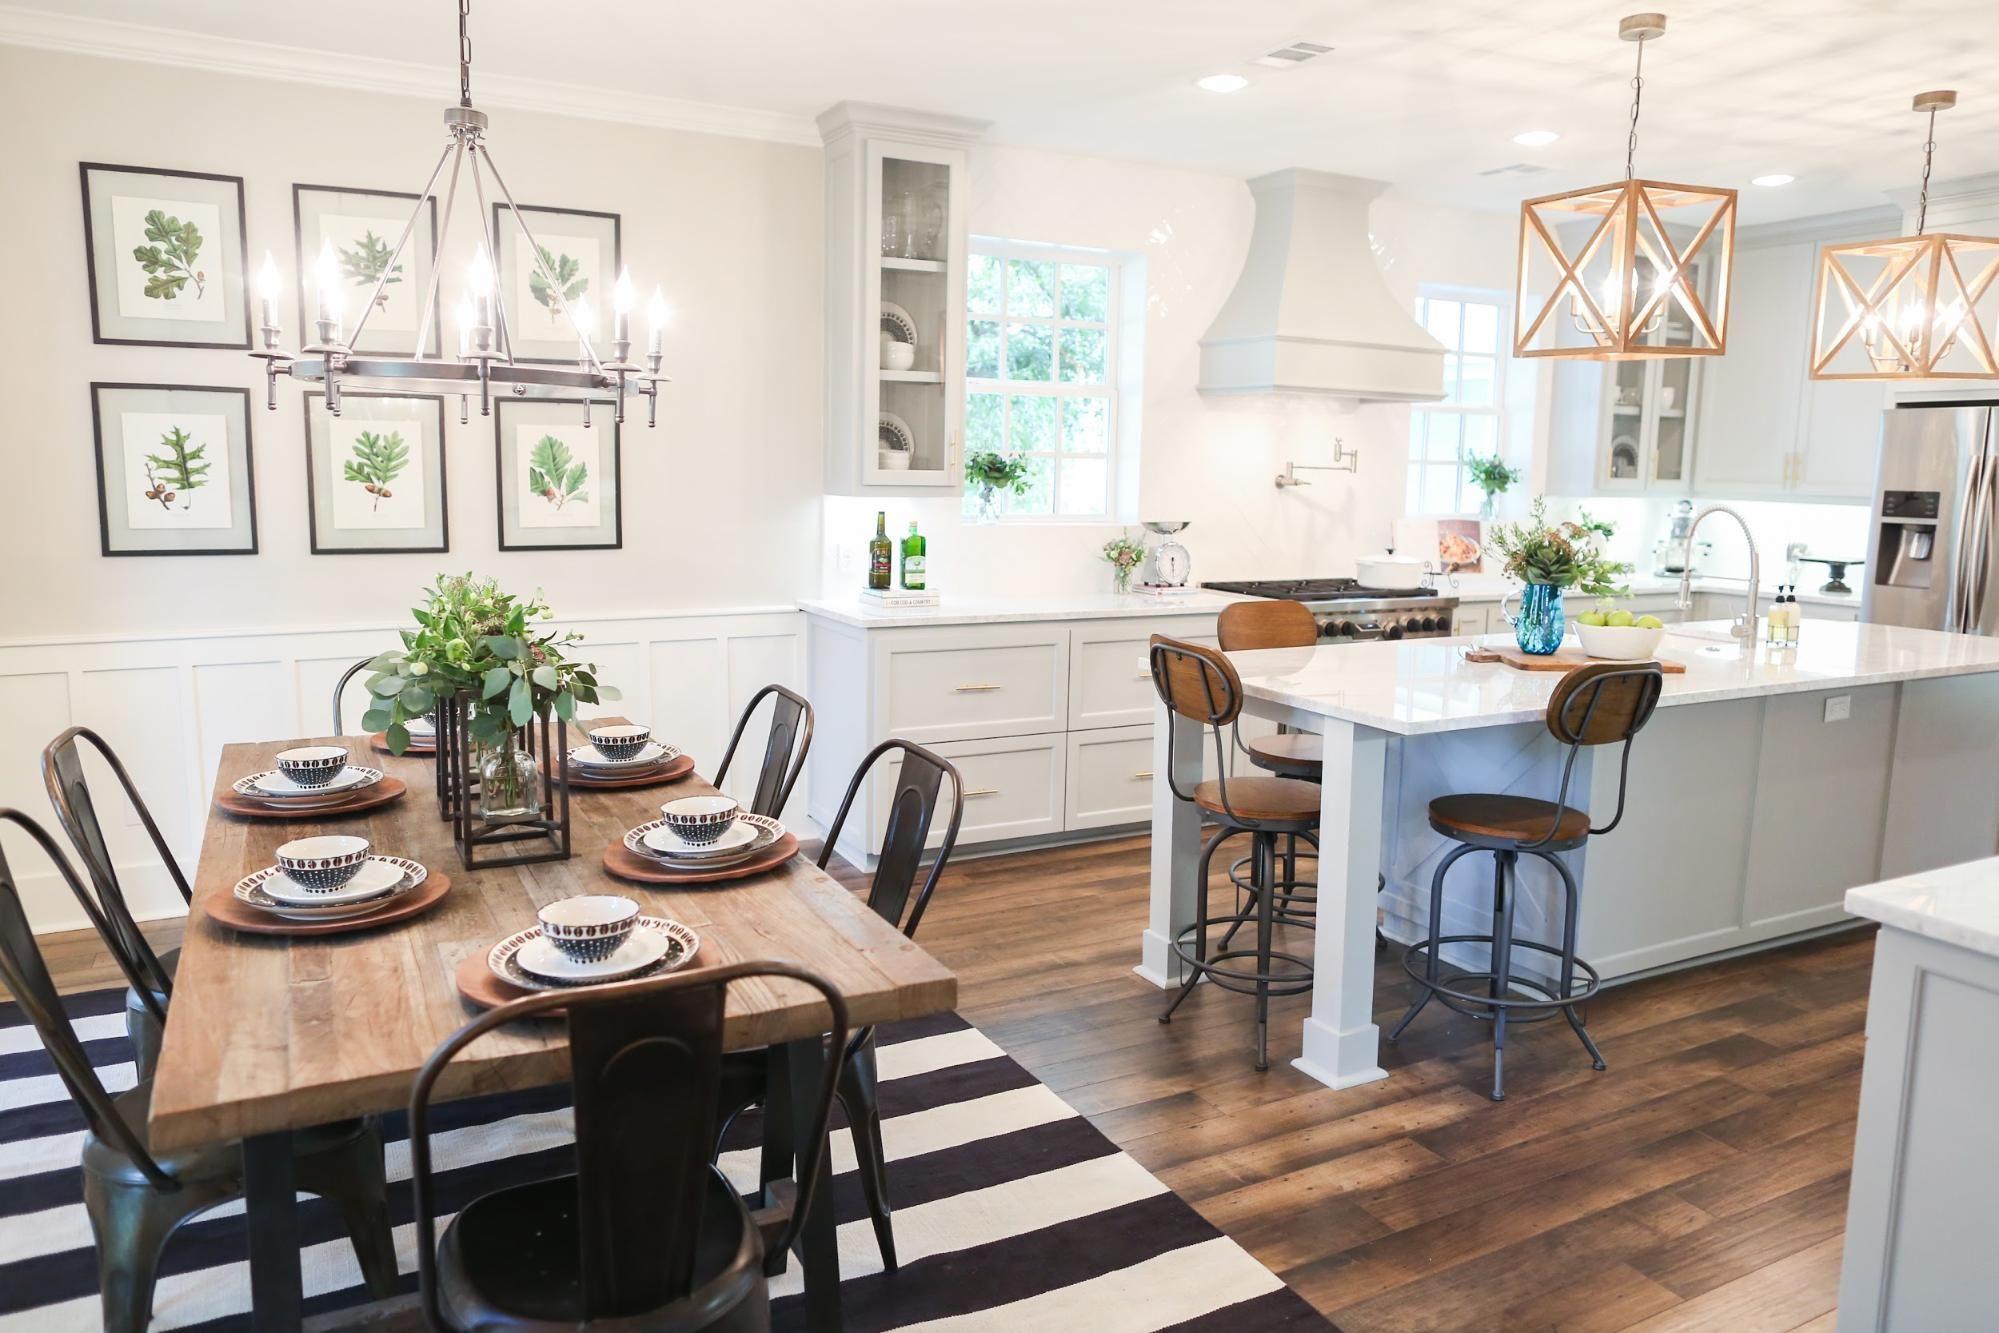 gabungan antara dapur dan ruang makan